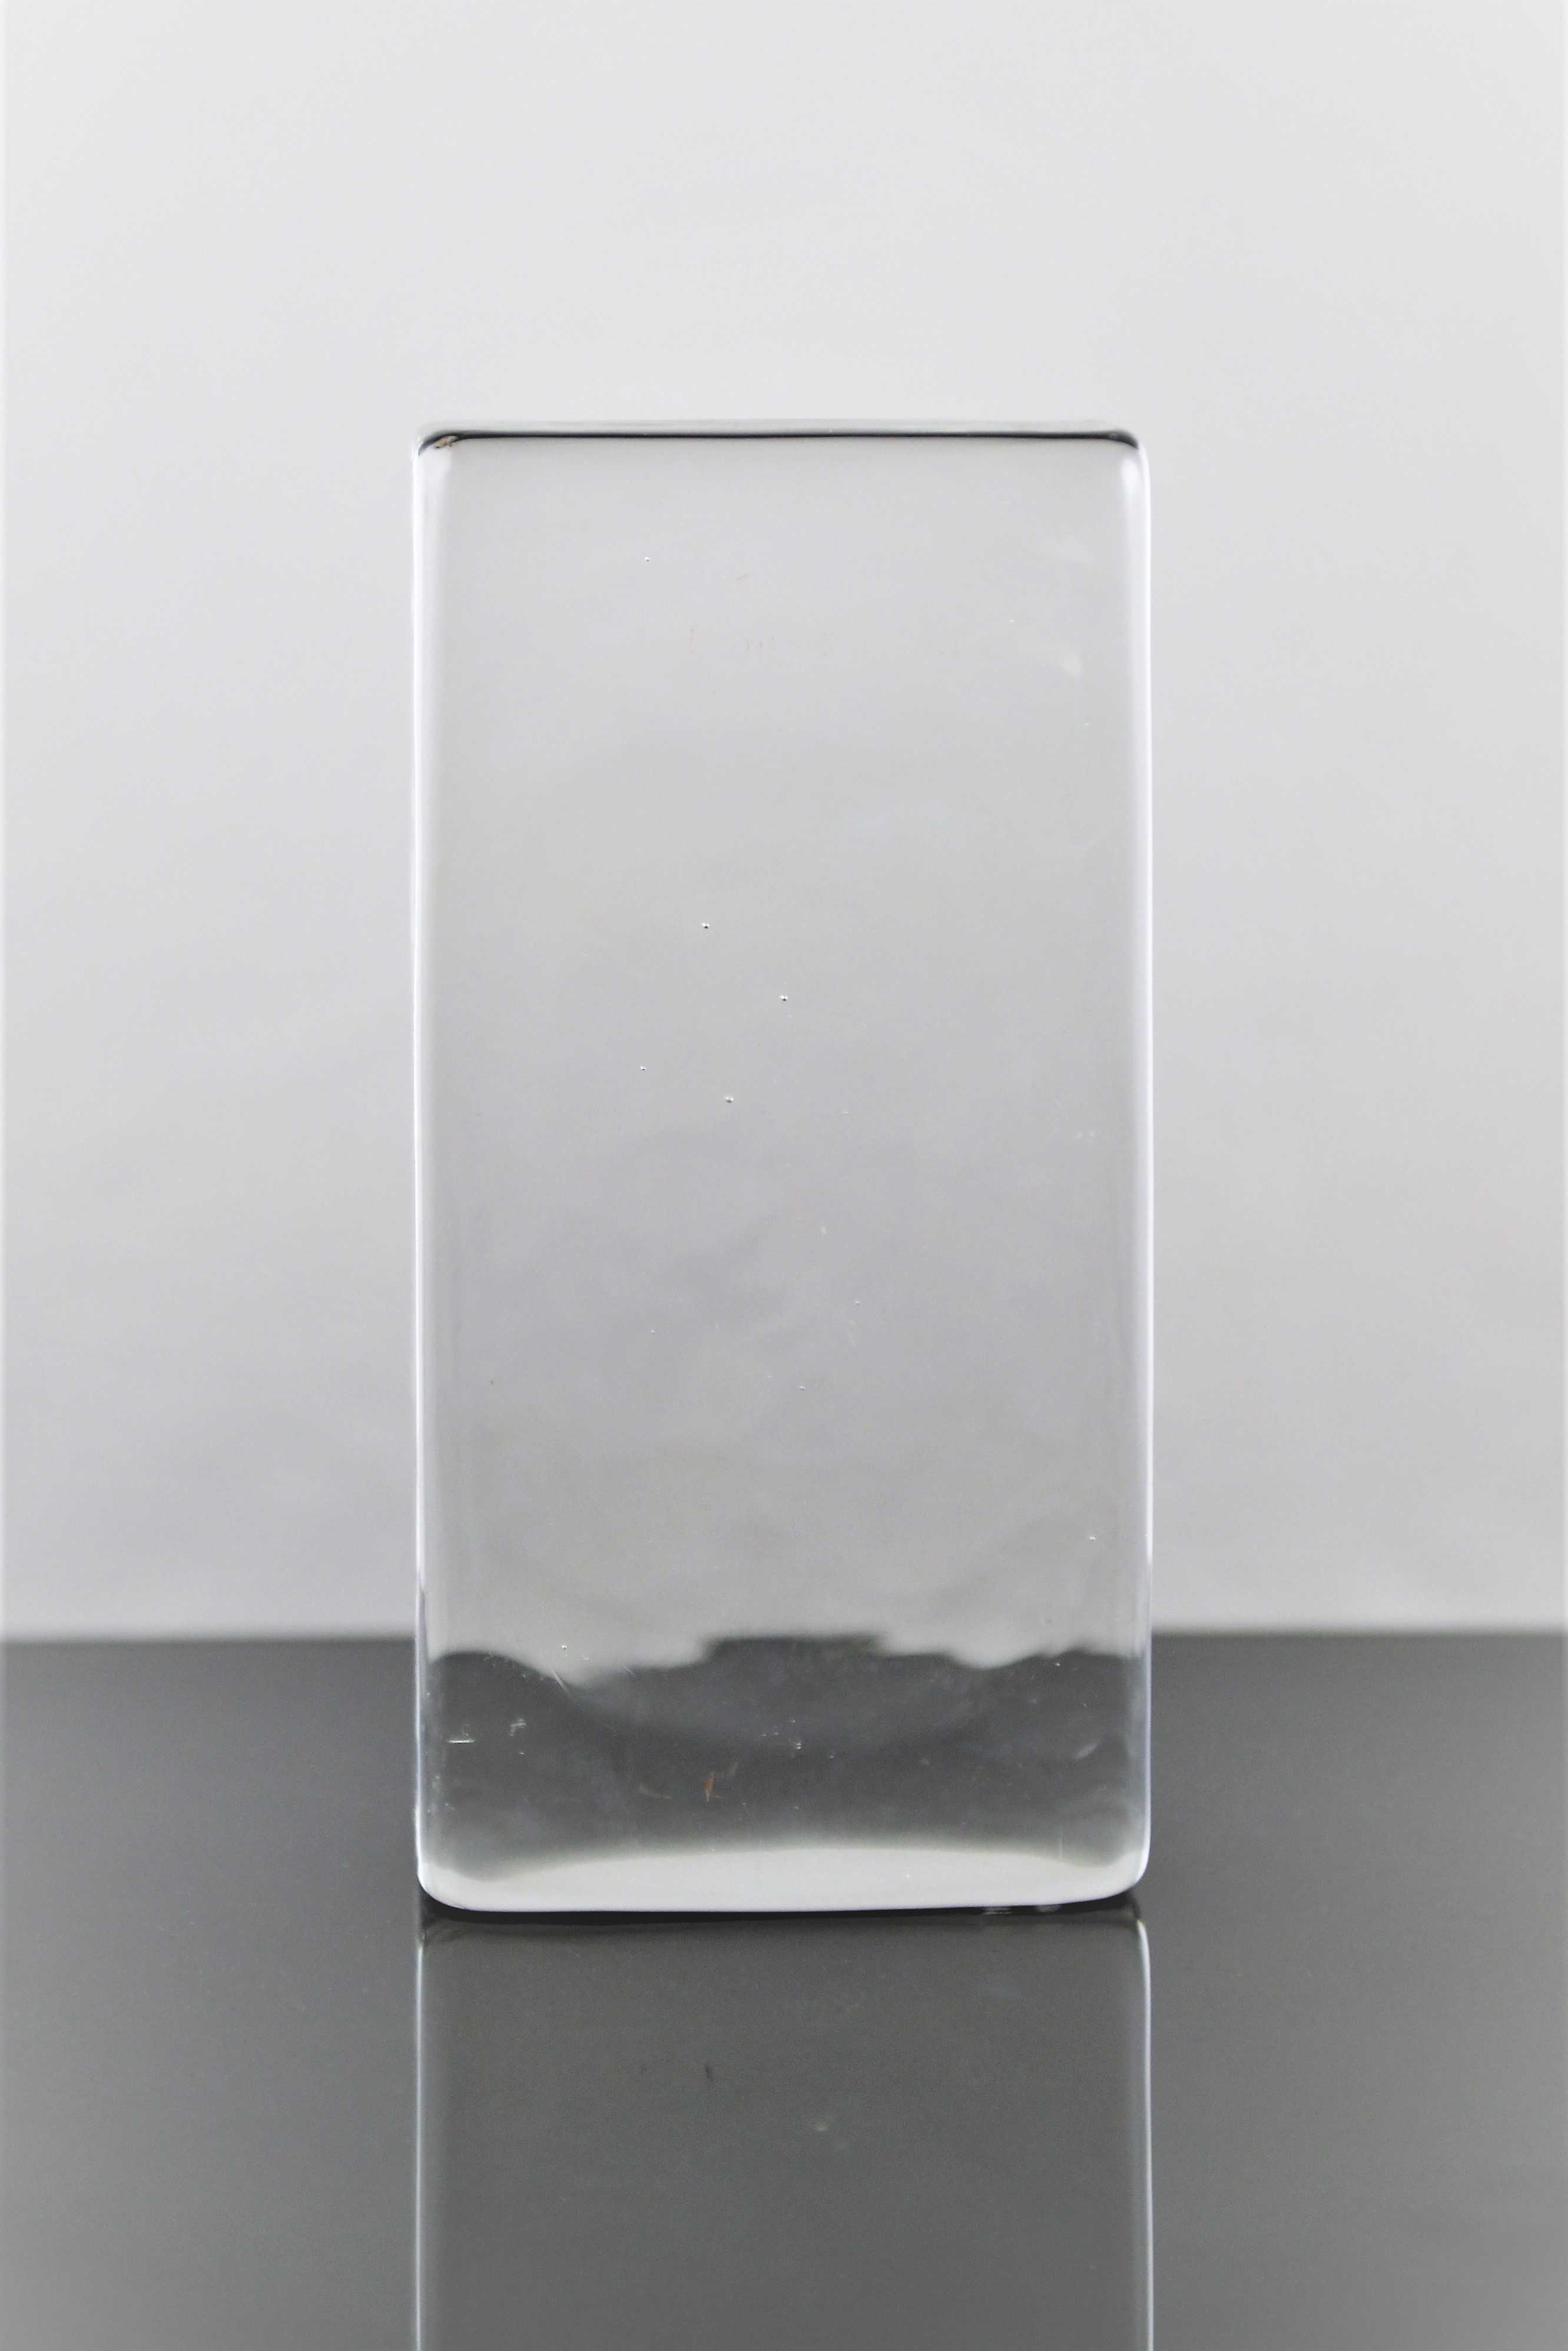 Cegły szklane, 100% szkła, cegła ze szkła, Glasspol, glassbrick, crystal block, glassblock, bloki szklane, cegla szklana Fot-compressed (4)